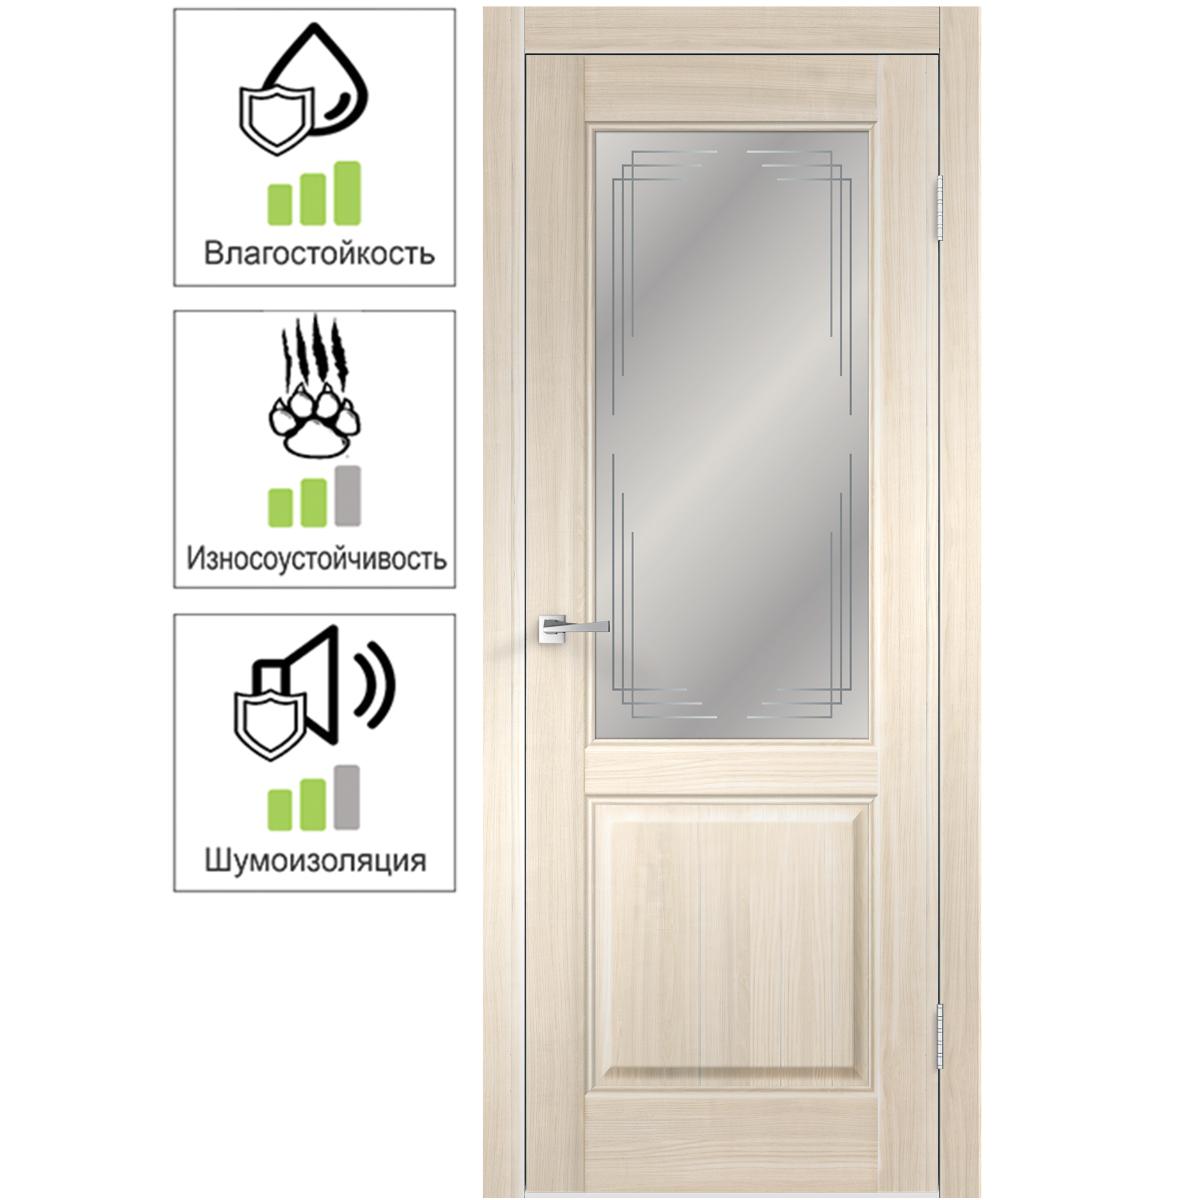 Дверь межкомнатная остеклённая Вилла 2Р 70х200 см с фурнитурой ПВХ цвет японский ясень